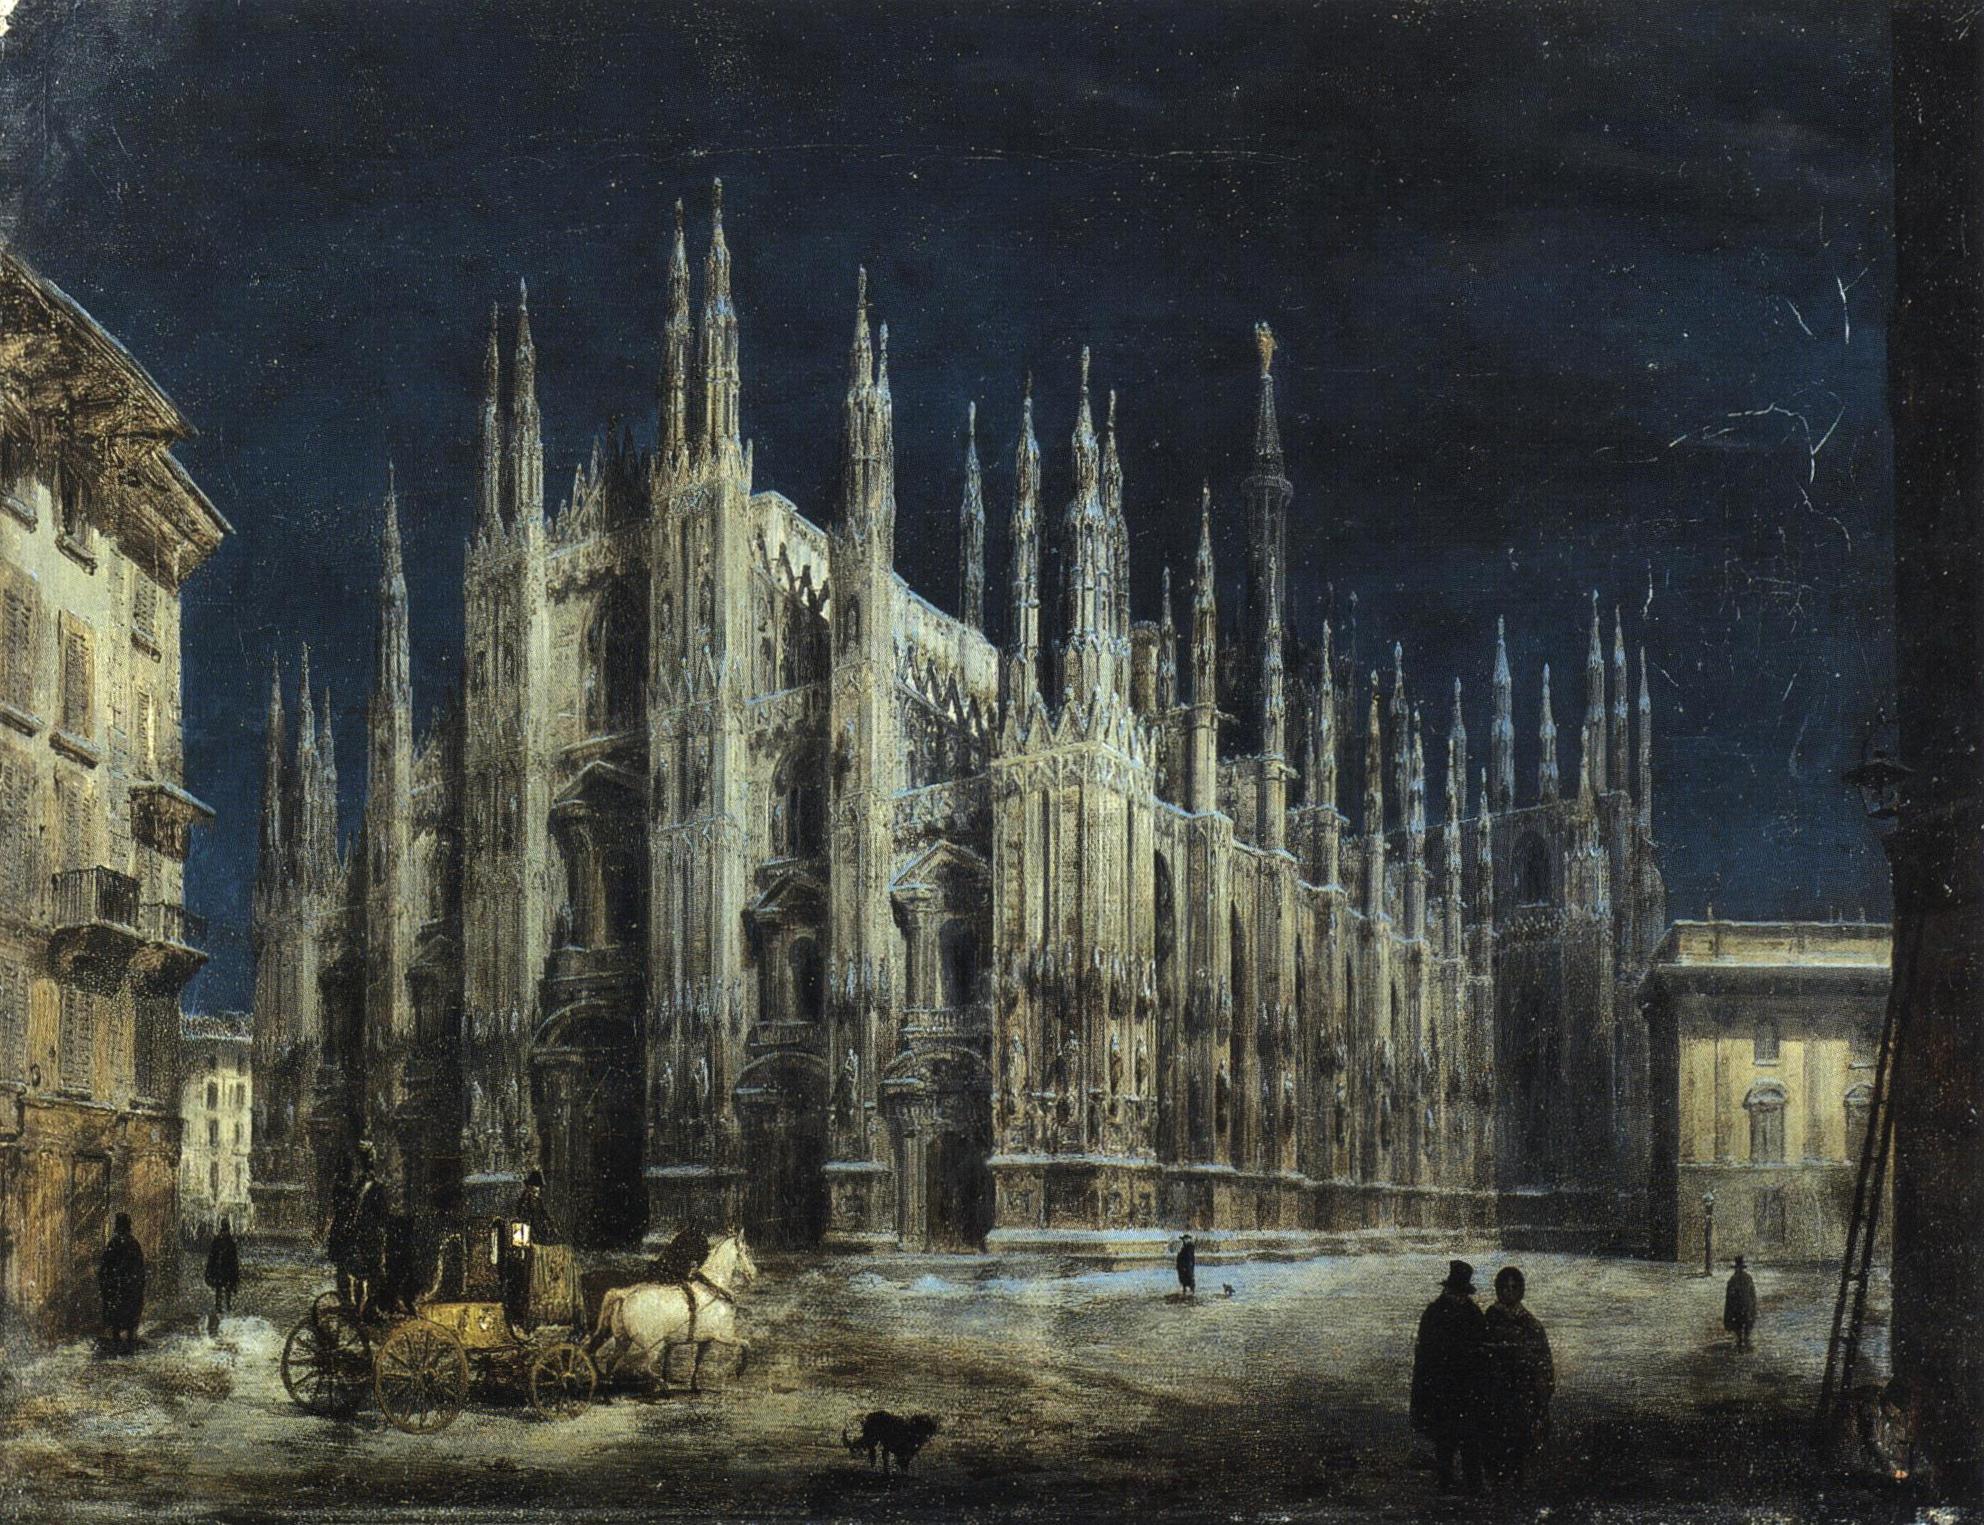 ... - Notturno di Piazza del Duomo a Milano.jpg - Wikimedia Commons